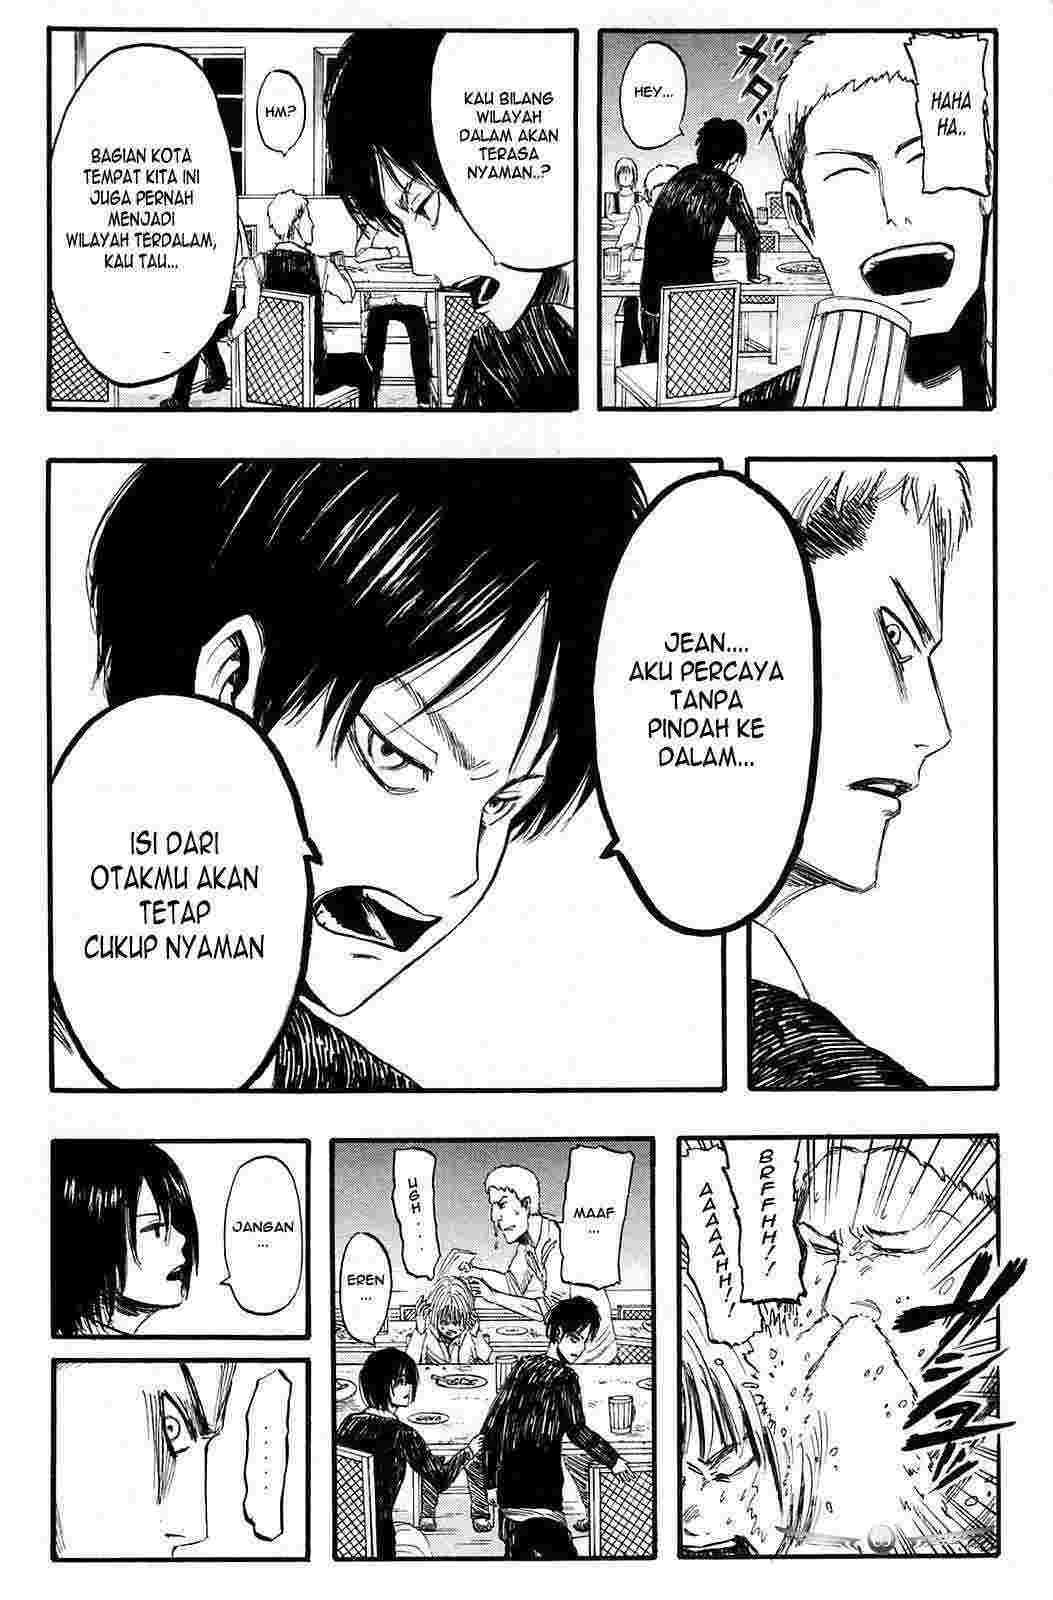 Dilarang COPAS - situs resmi www.mangacanblog.com - Komik shingeki no kyojin 003 4 Indonesia shingeki no kyojin 003 Terbaru 6|Baca Manga Komik Indonesia|Mangacan